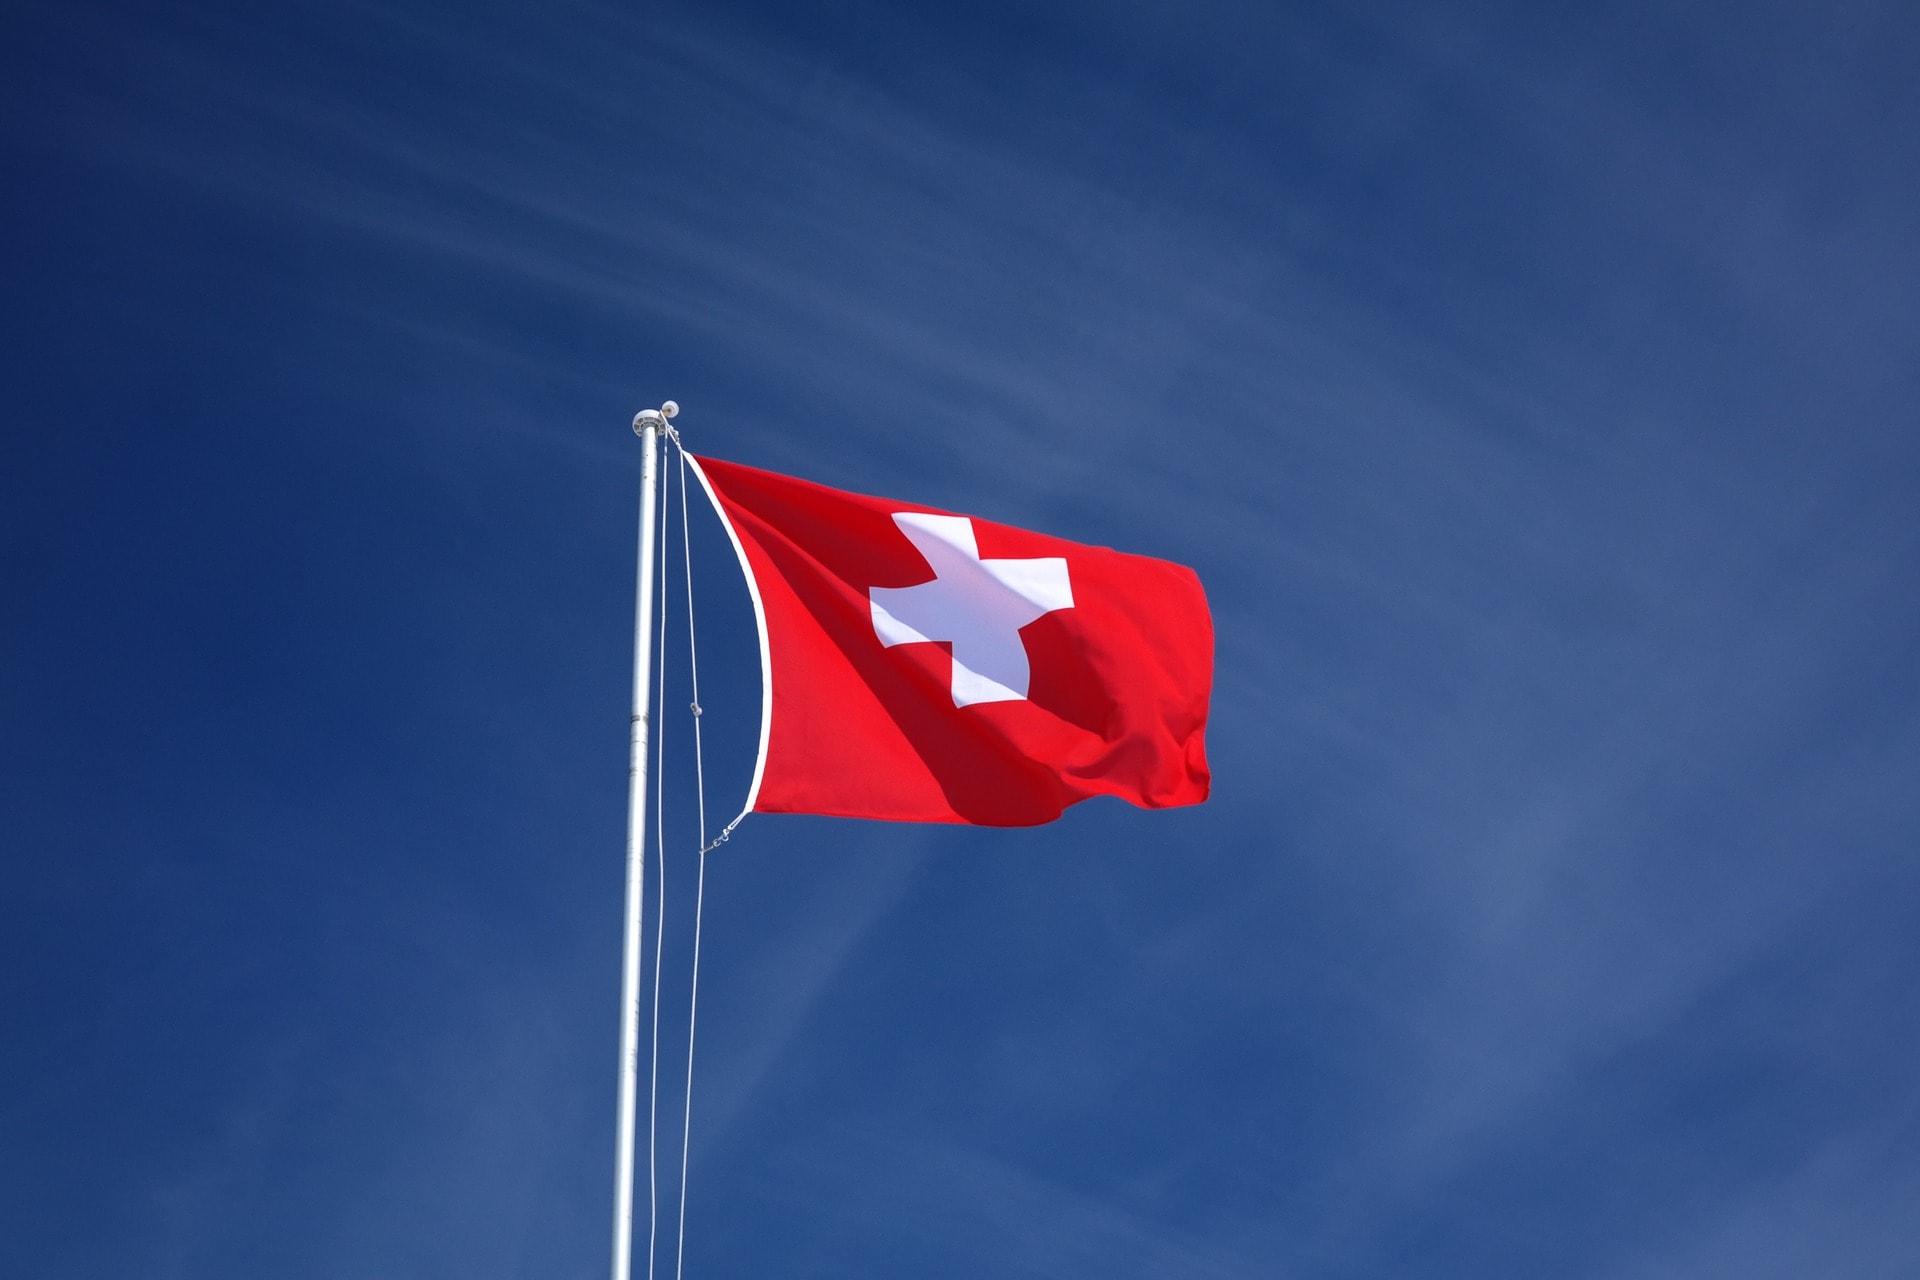 Schweizerdeutsch transkribieren in Hochdeutsch